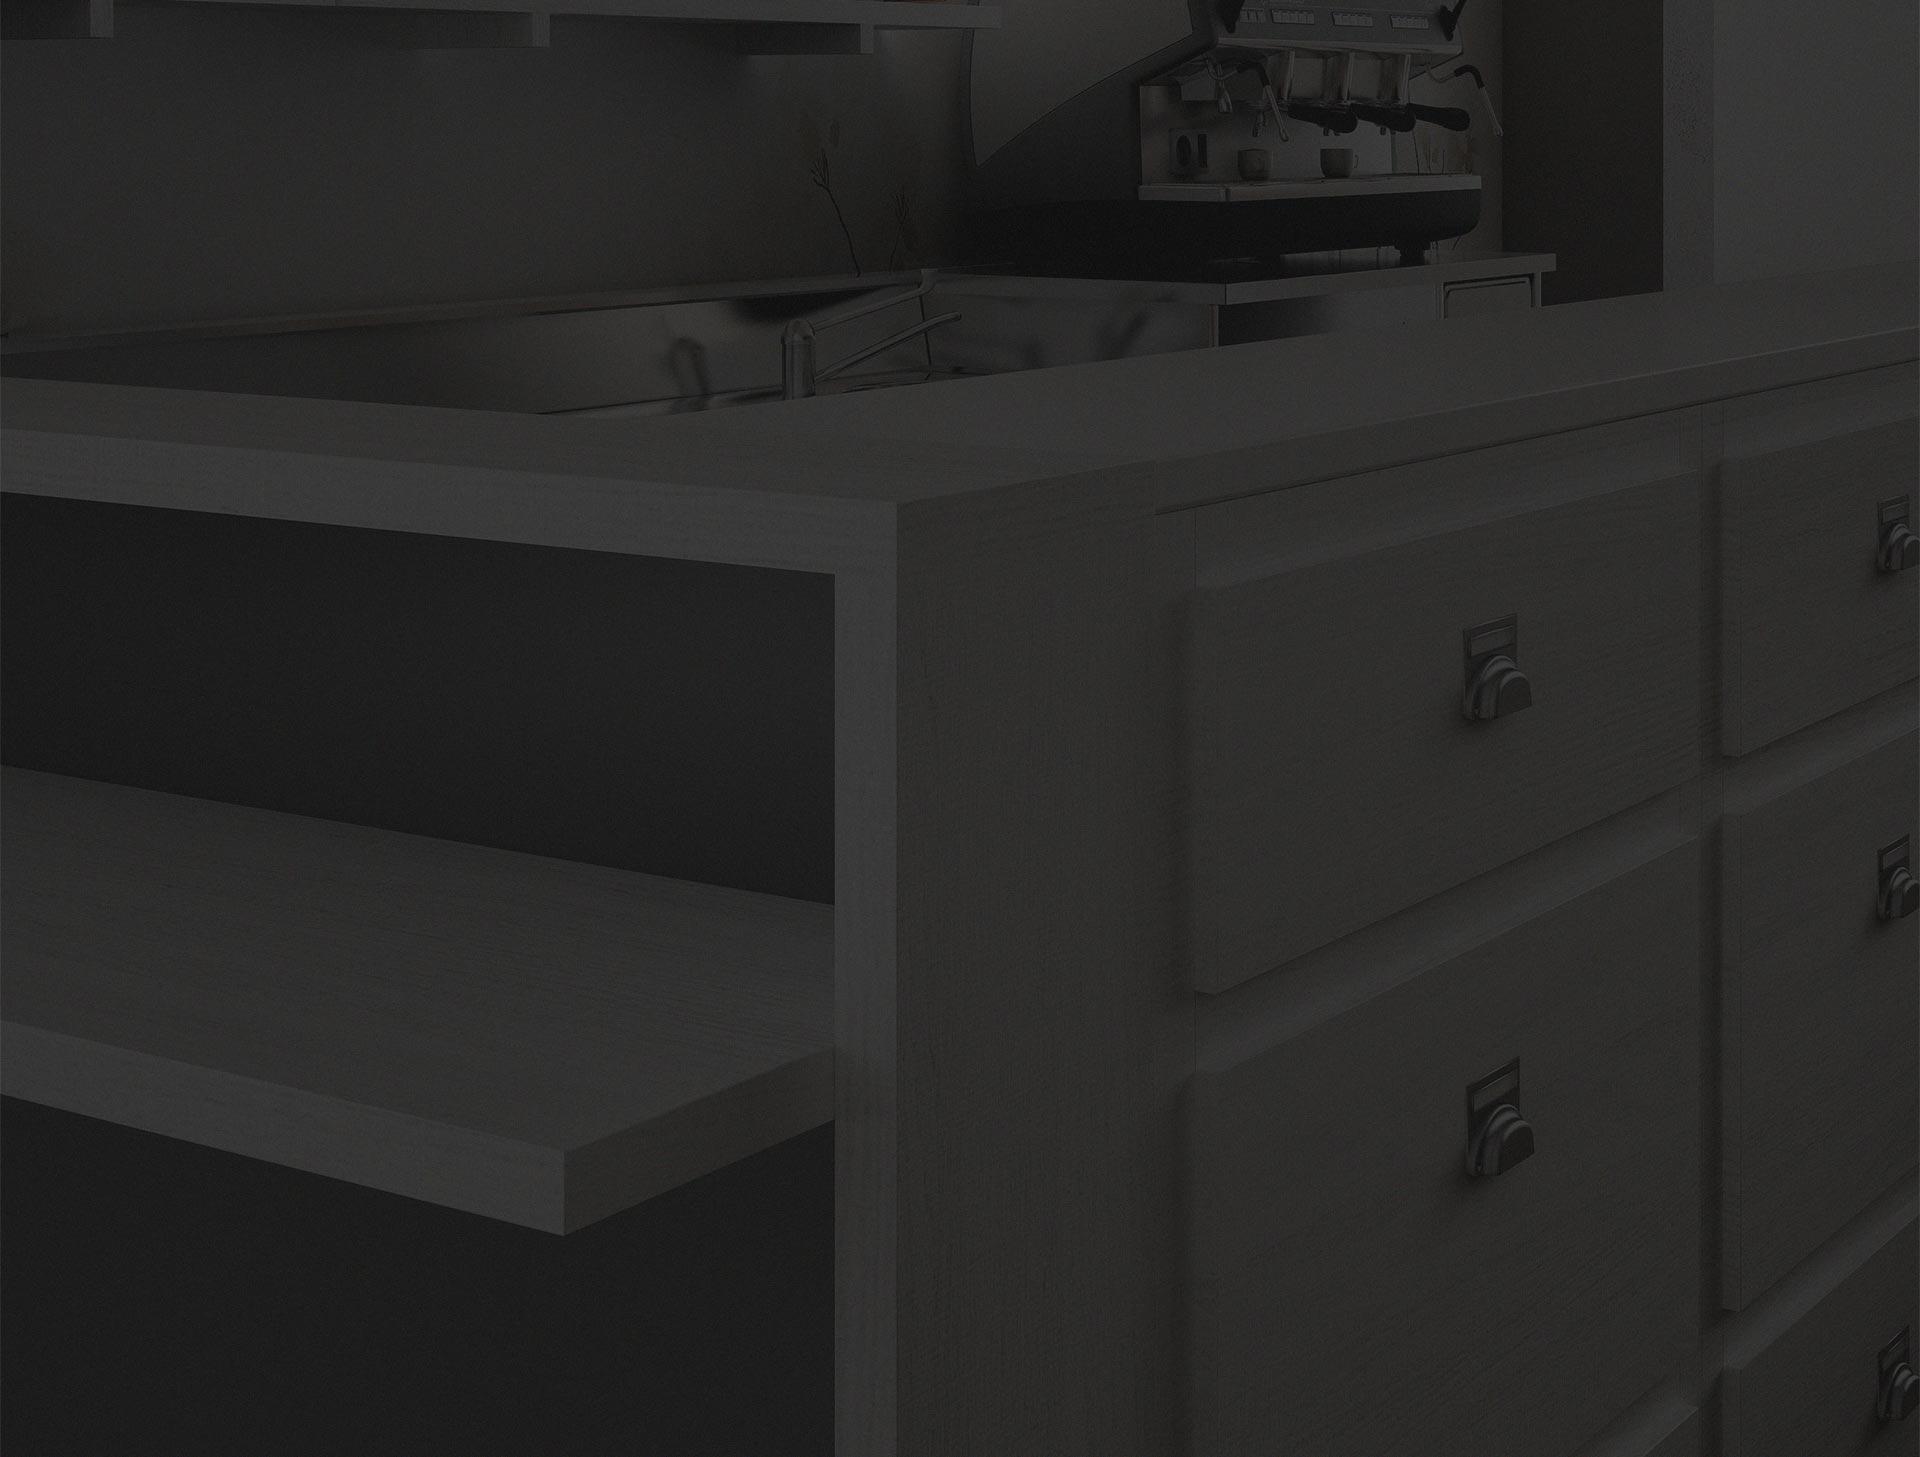 arredamenti attivit commerciali di design italiano